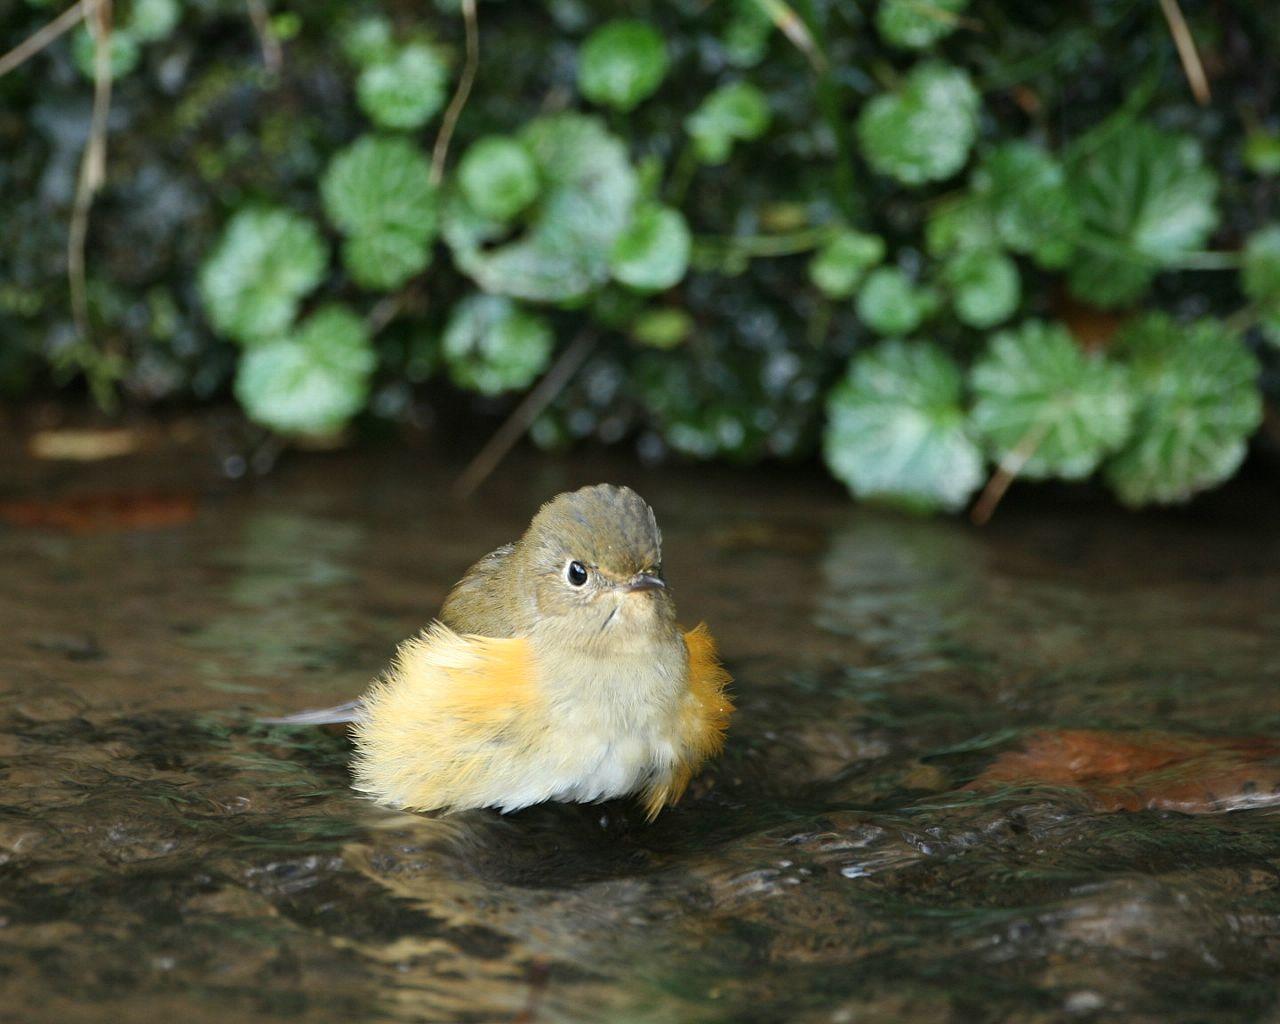 ルリビタキ嬢の水浴び(可愛い野鳥の水浴びの壁紙)_f0105570_215693.jpg